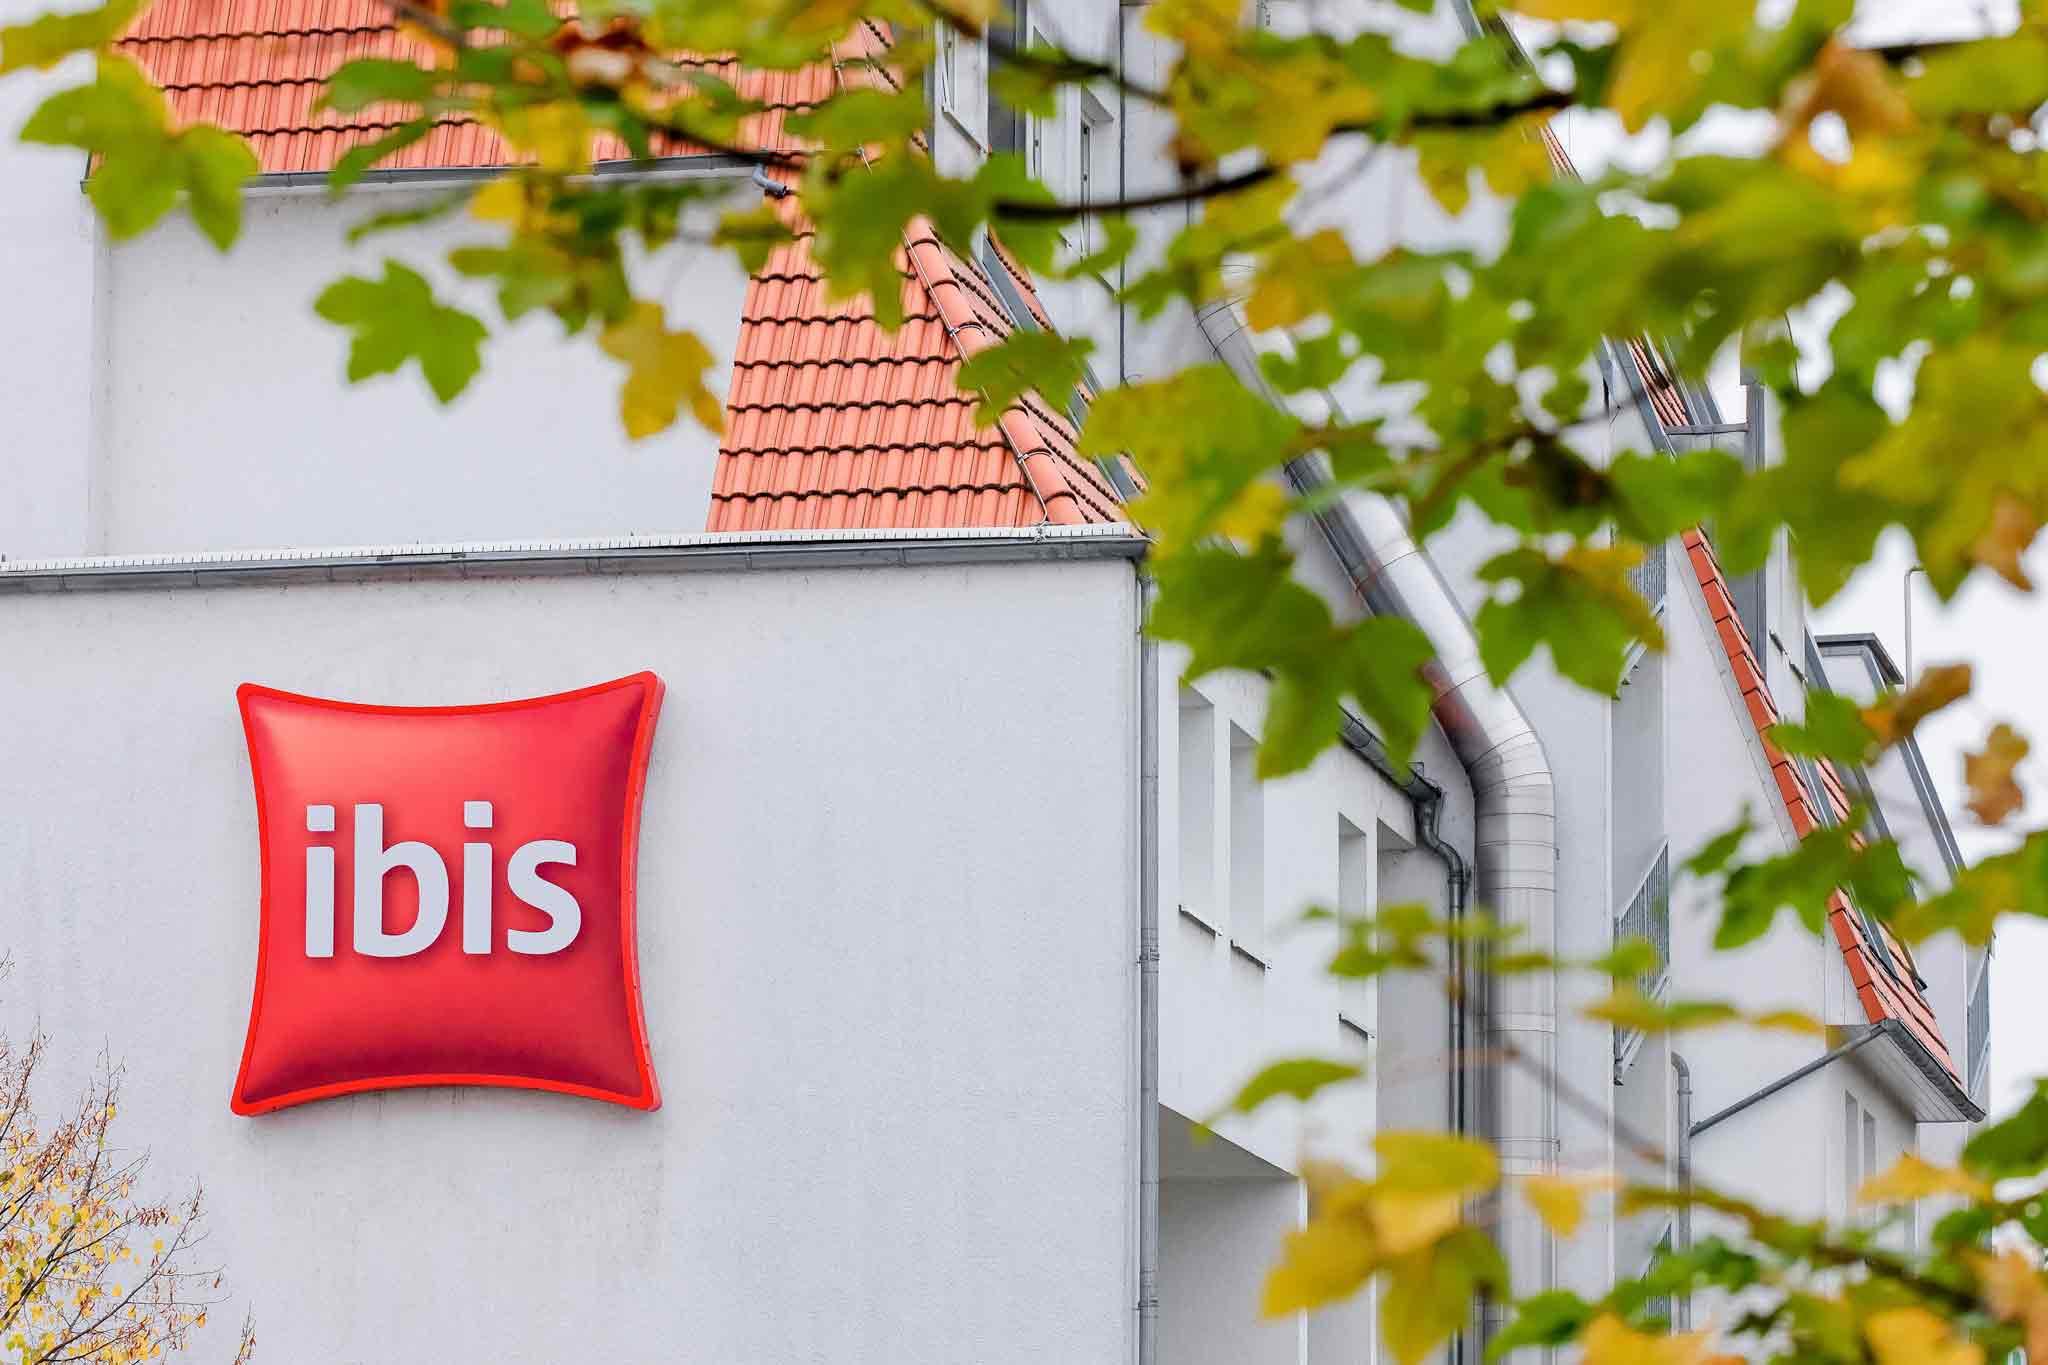 فندق - إيبيس ibis فرانكفورت إيربورت